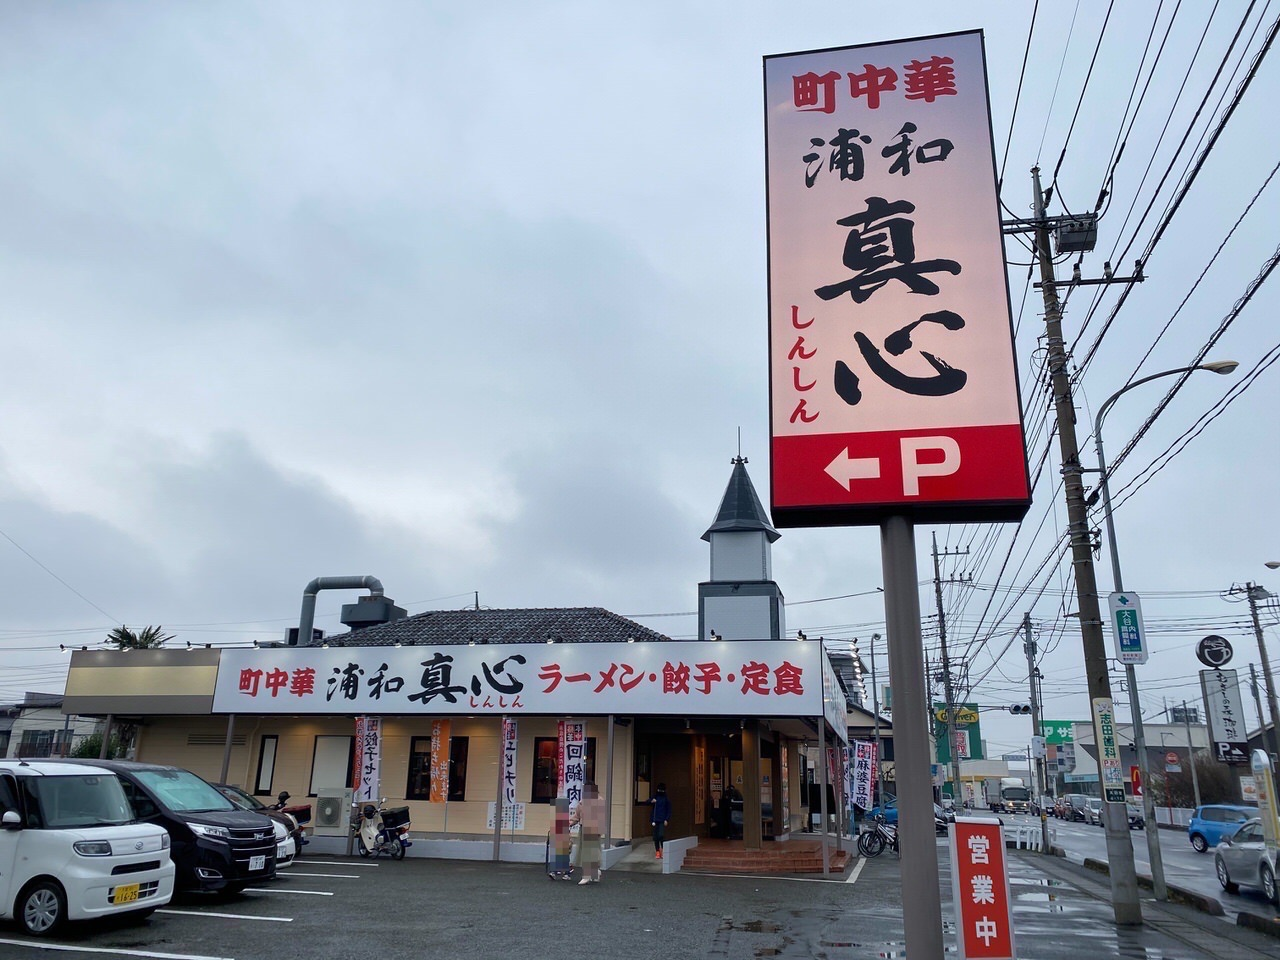 産業道路沿いの日高屋が「町中華 浦和 真心」としてリニューアルオープン!担々麺と油淋鶏を食べてきた!(浦和)